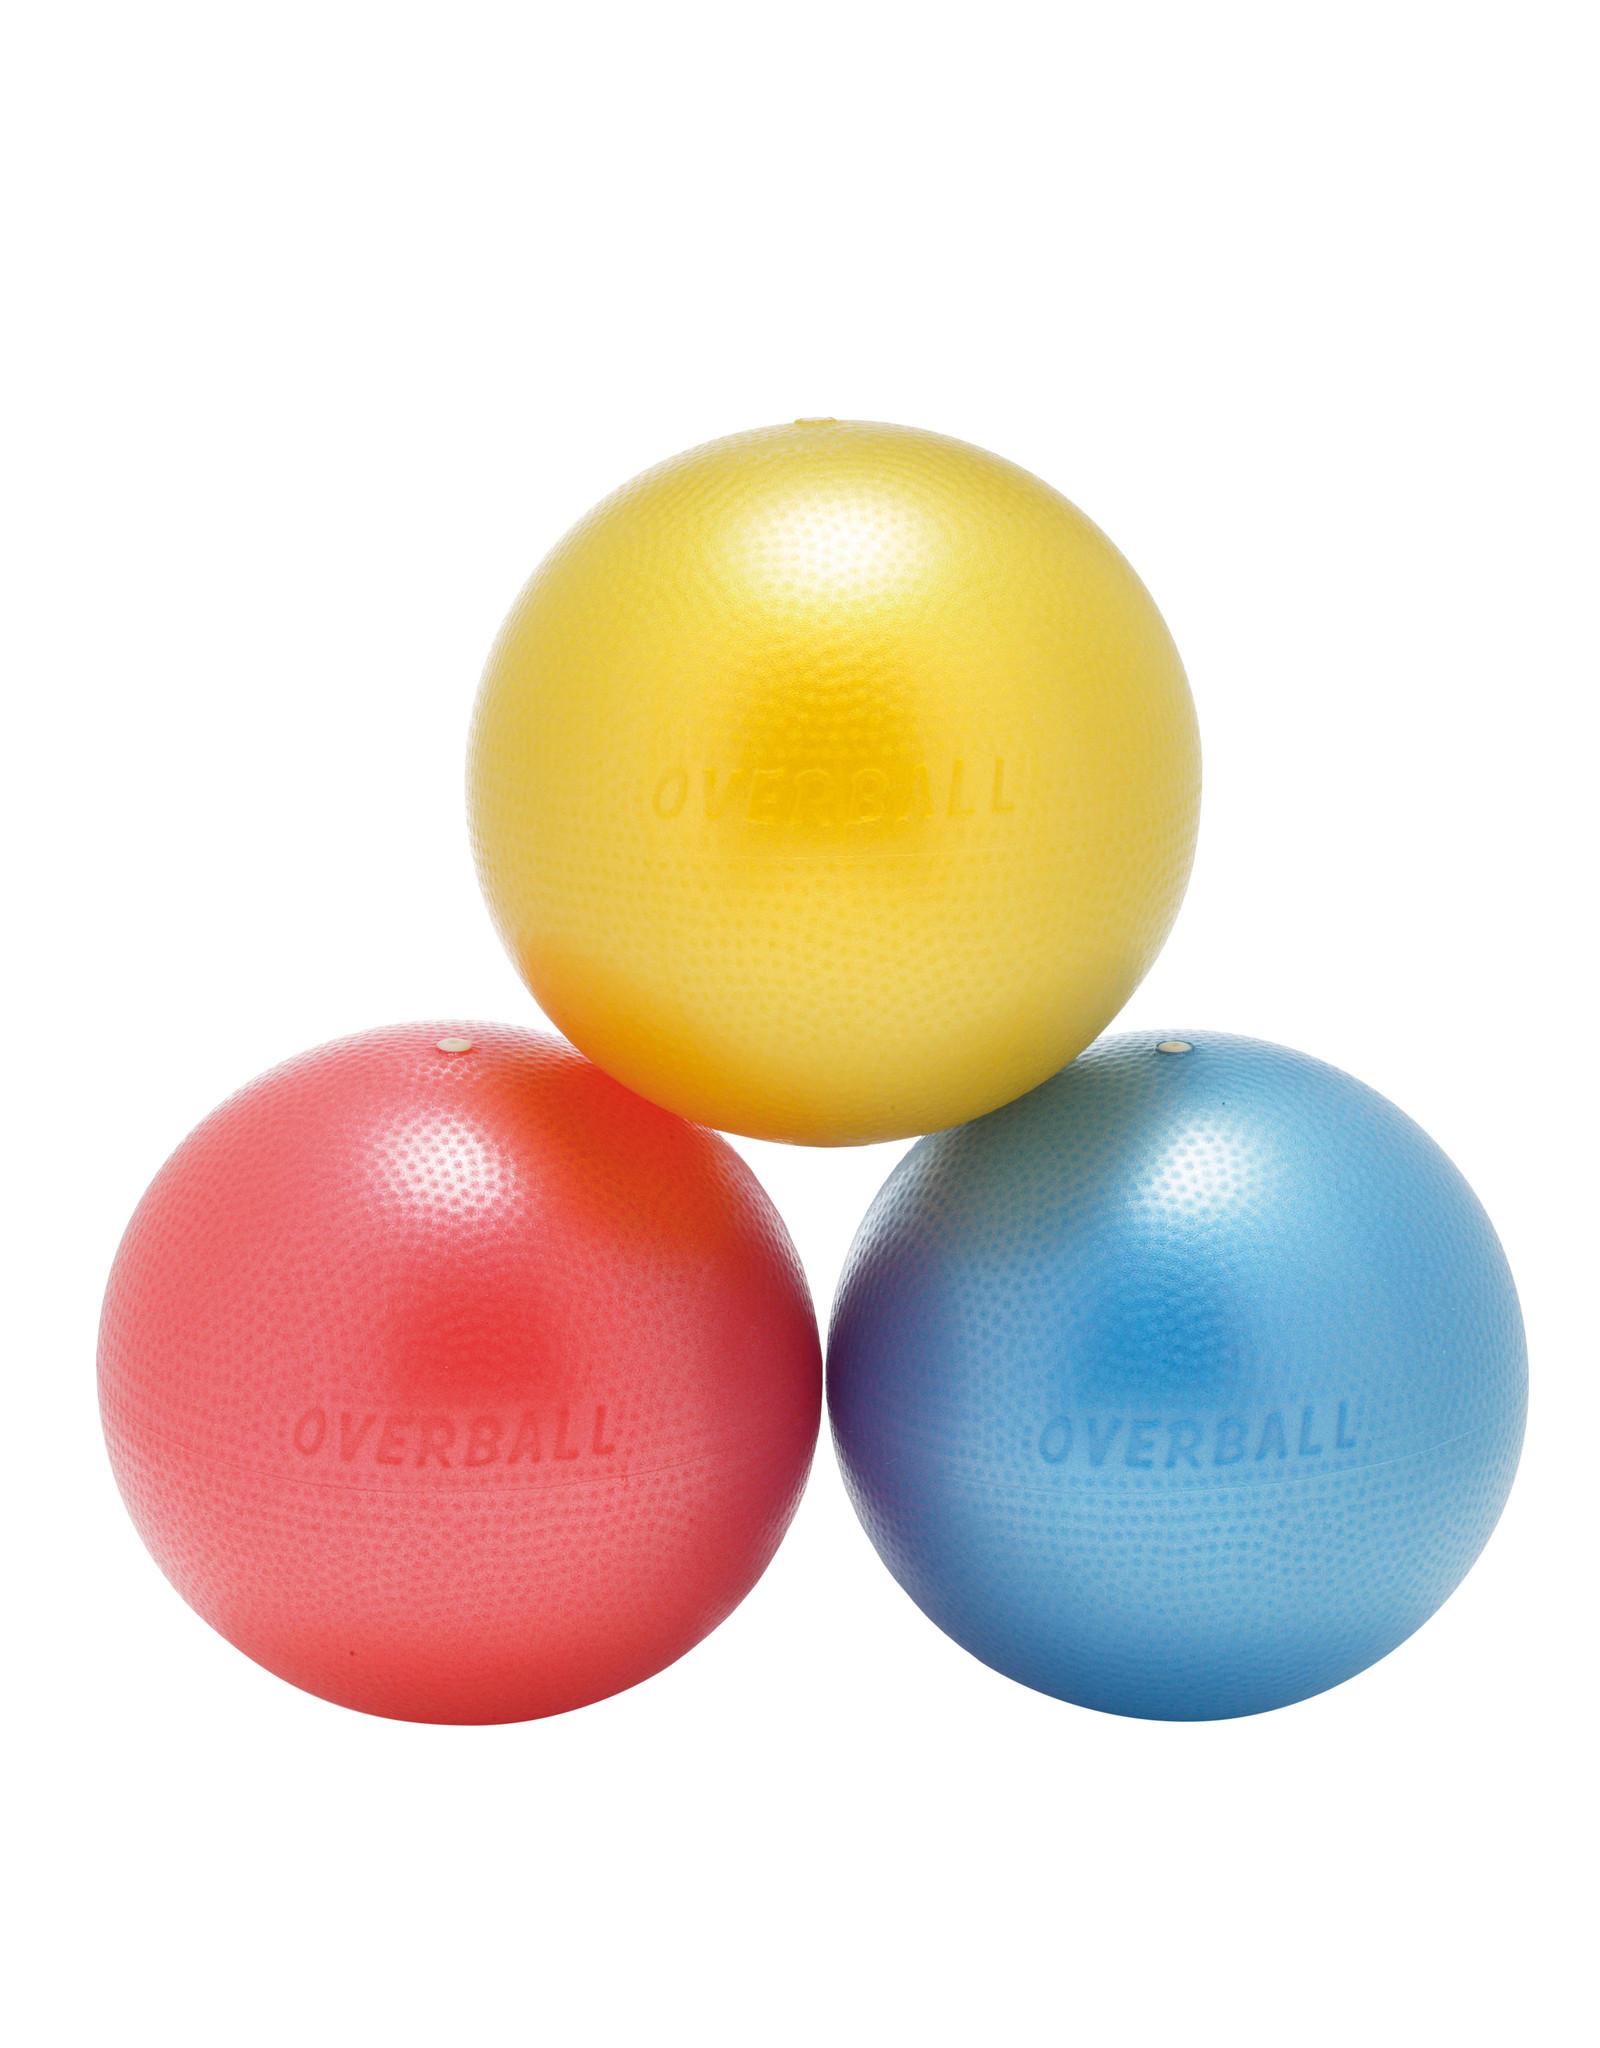 Gymnic Over Ball / Y